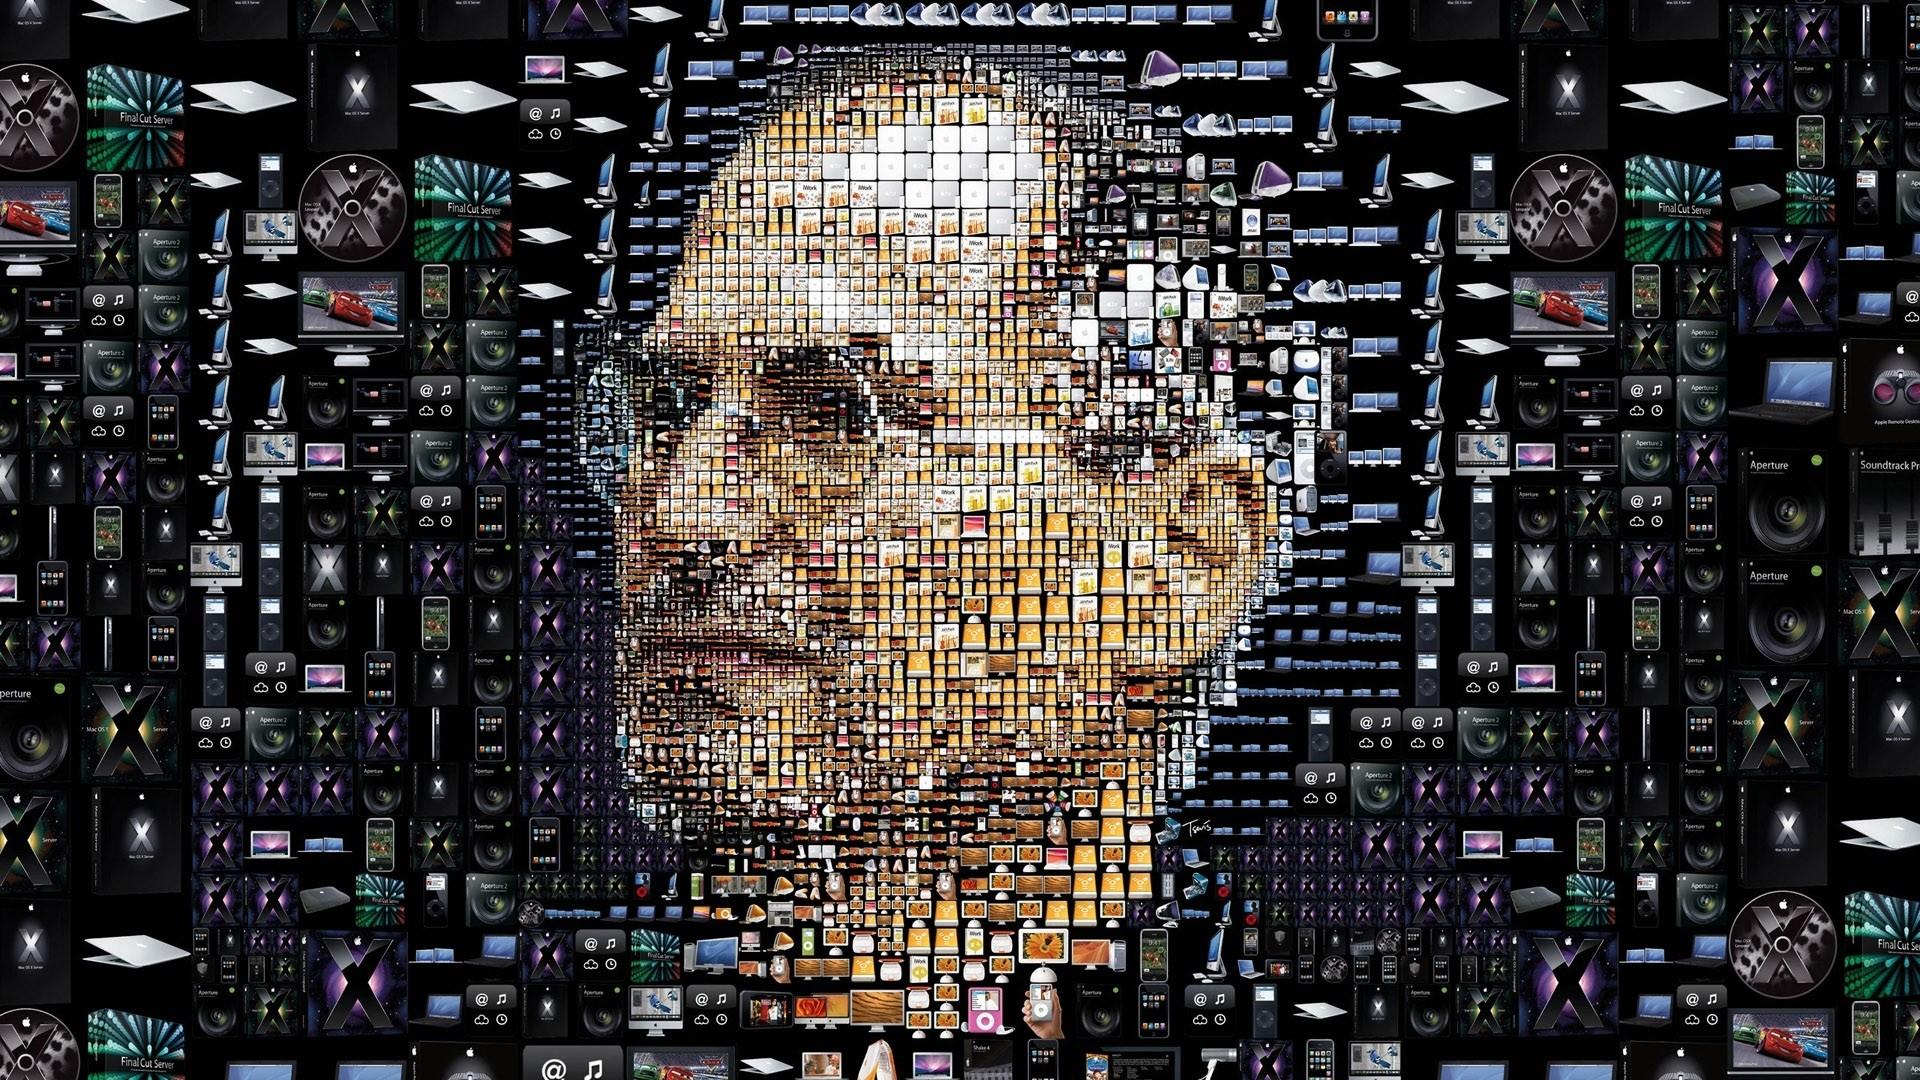 Steve Jobs Full HD Wallpaper